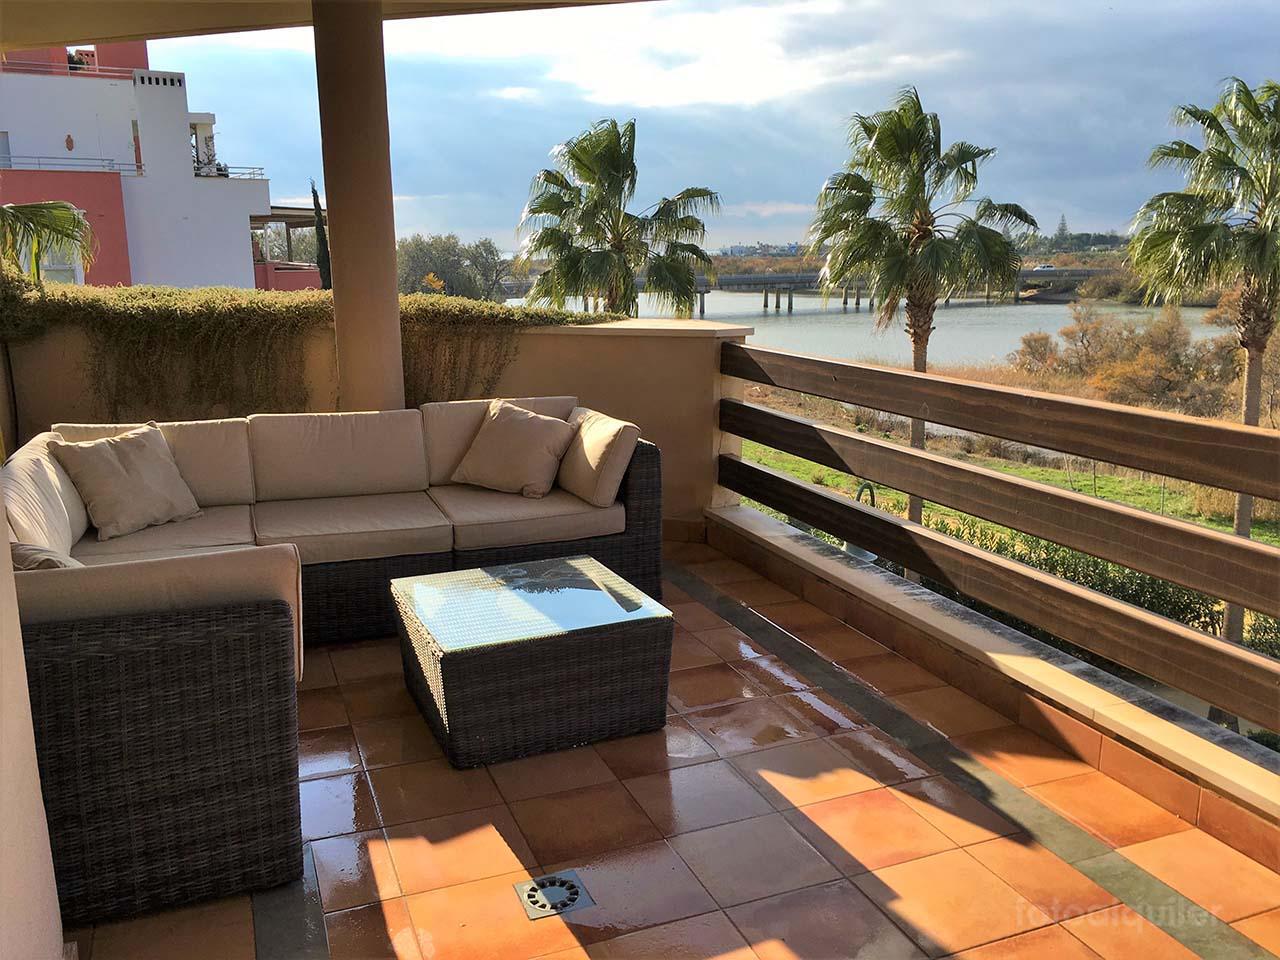 Alquiler de apartamento en la Marina de Sotogrande, San Roque, Cadiz